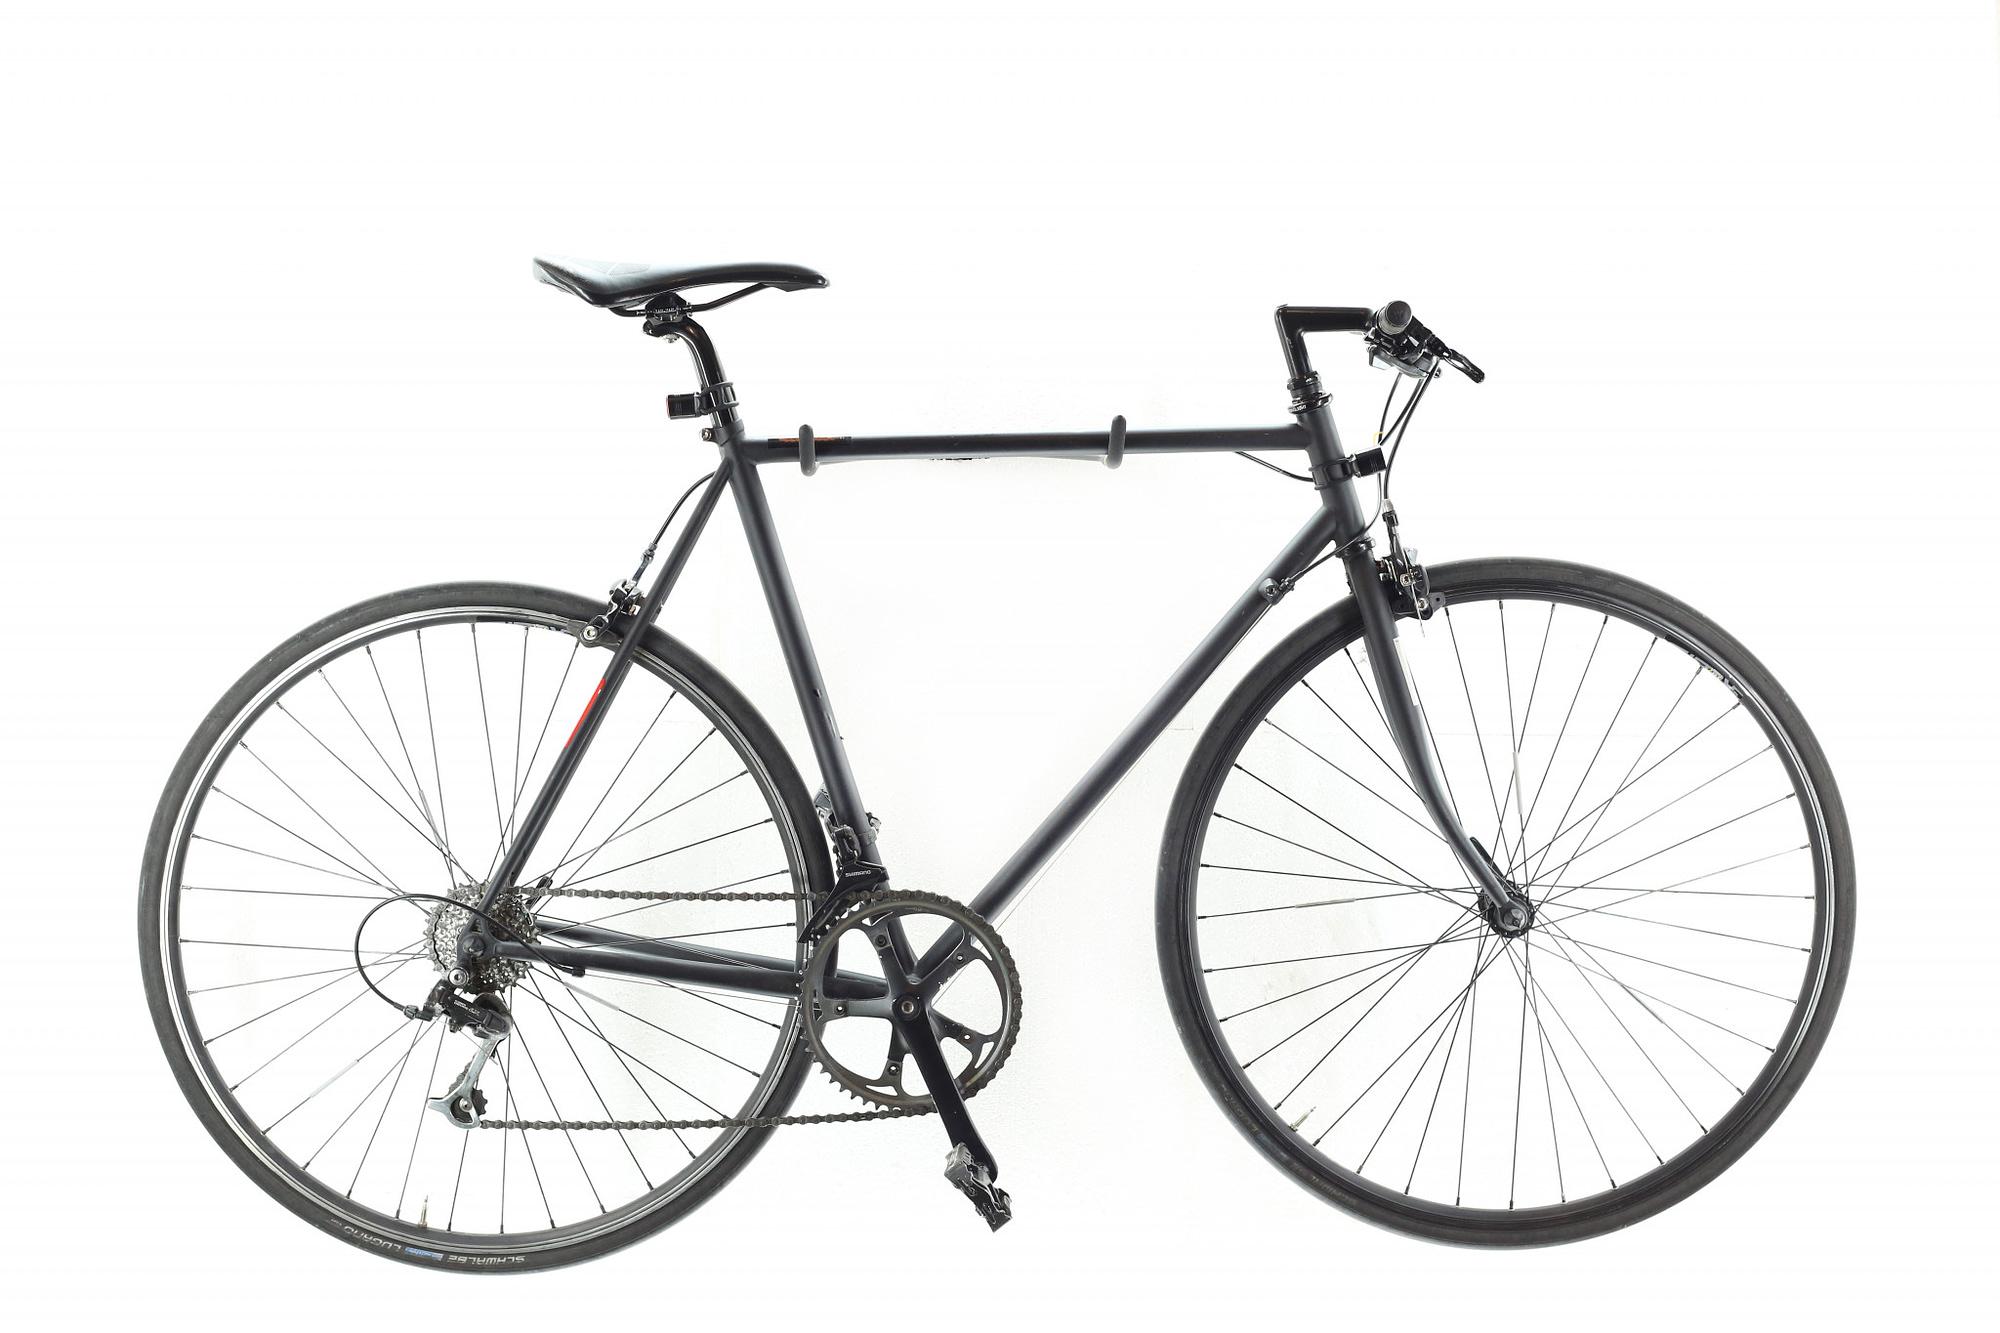 cu allblack matt 1 - SHOWROOM - custom bikes - neubau - vintage bikes